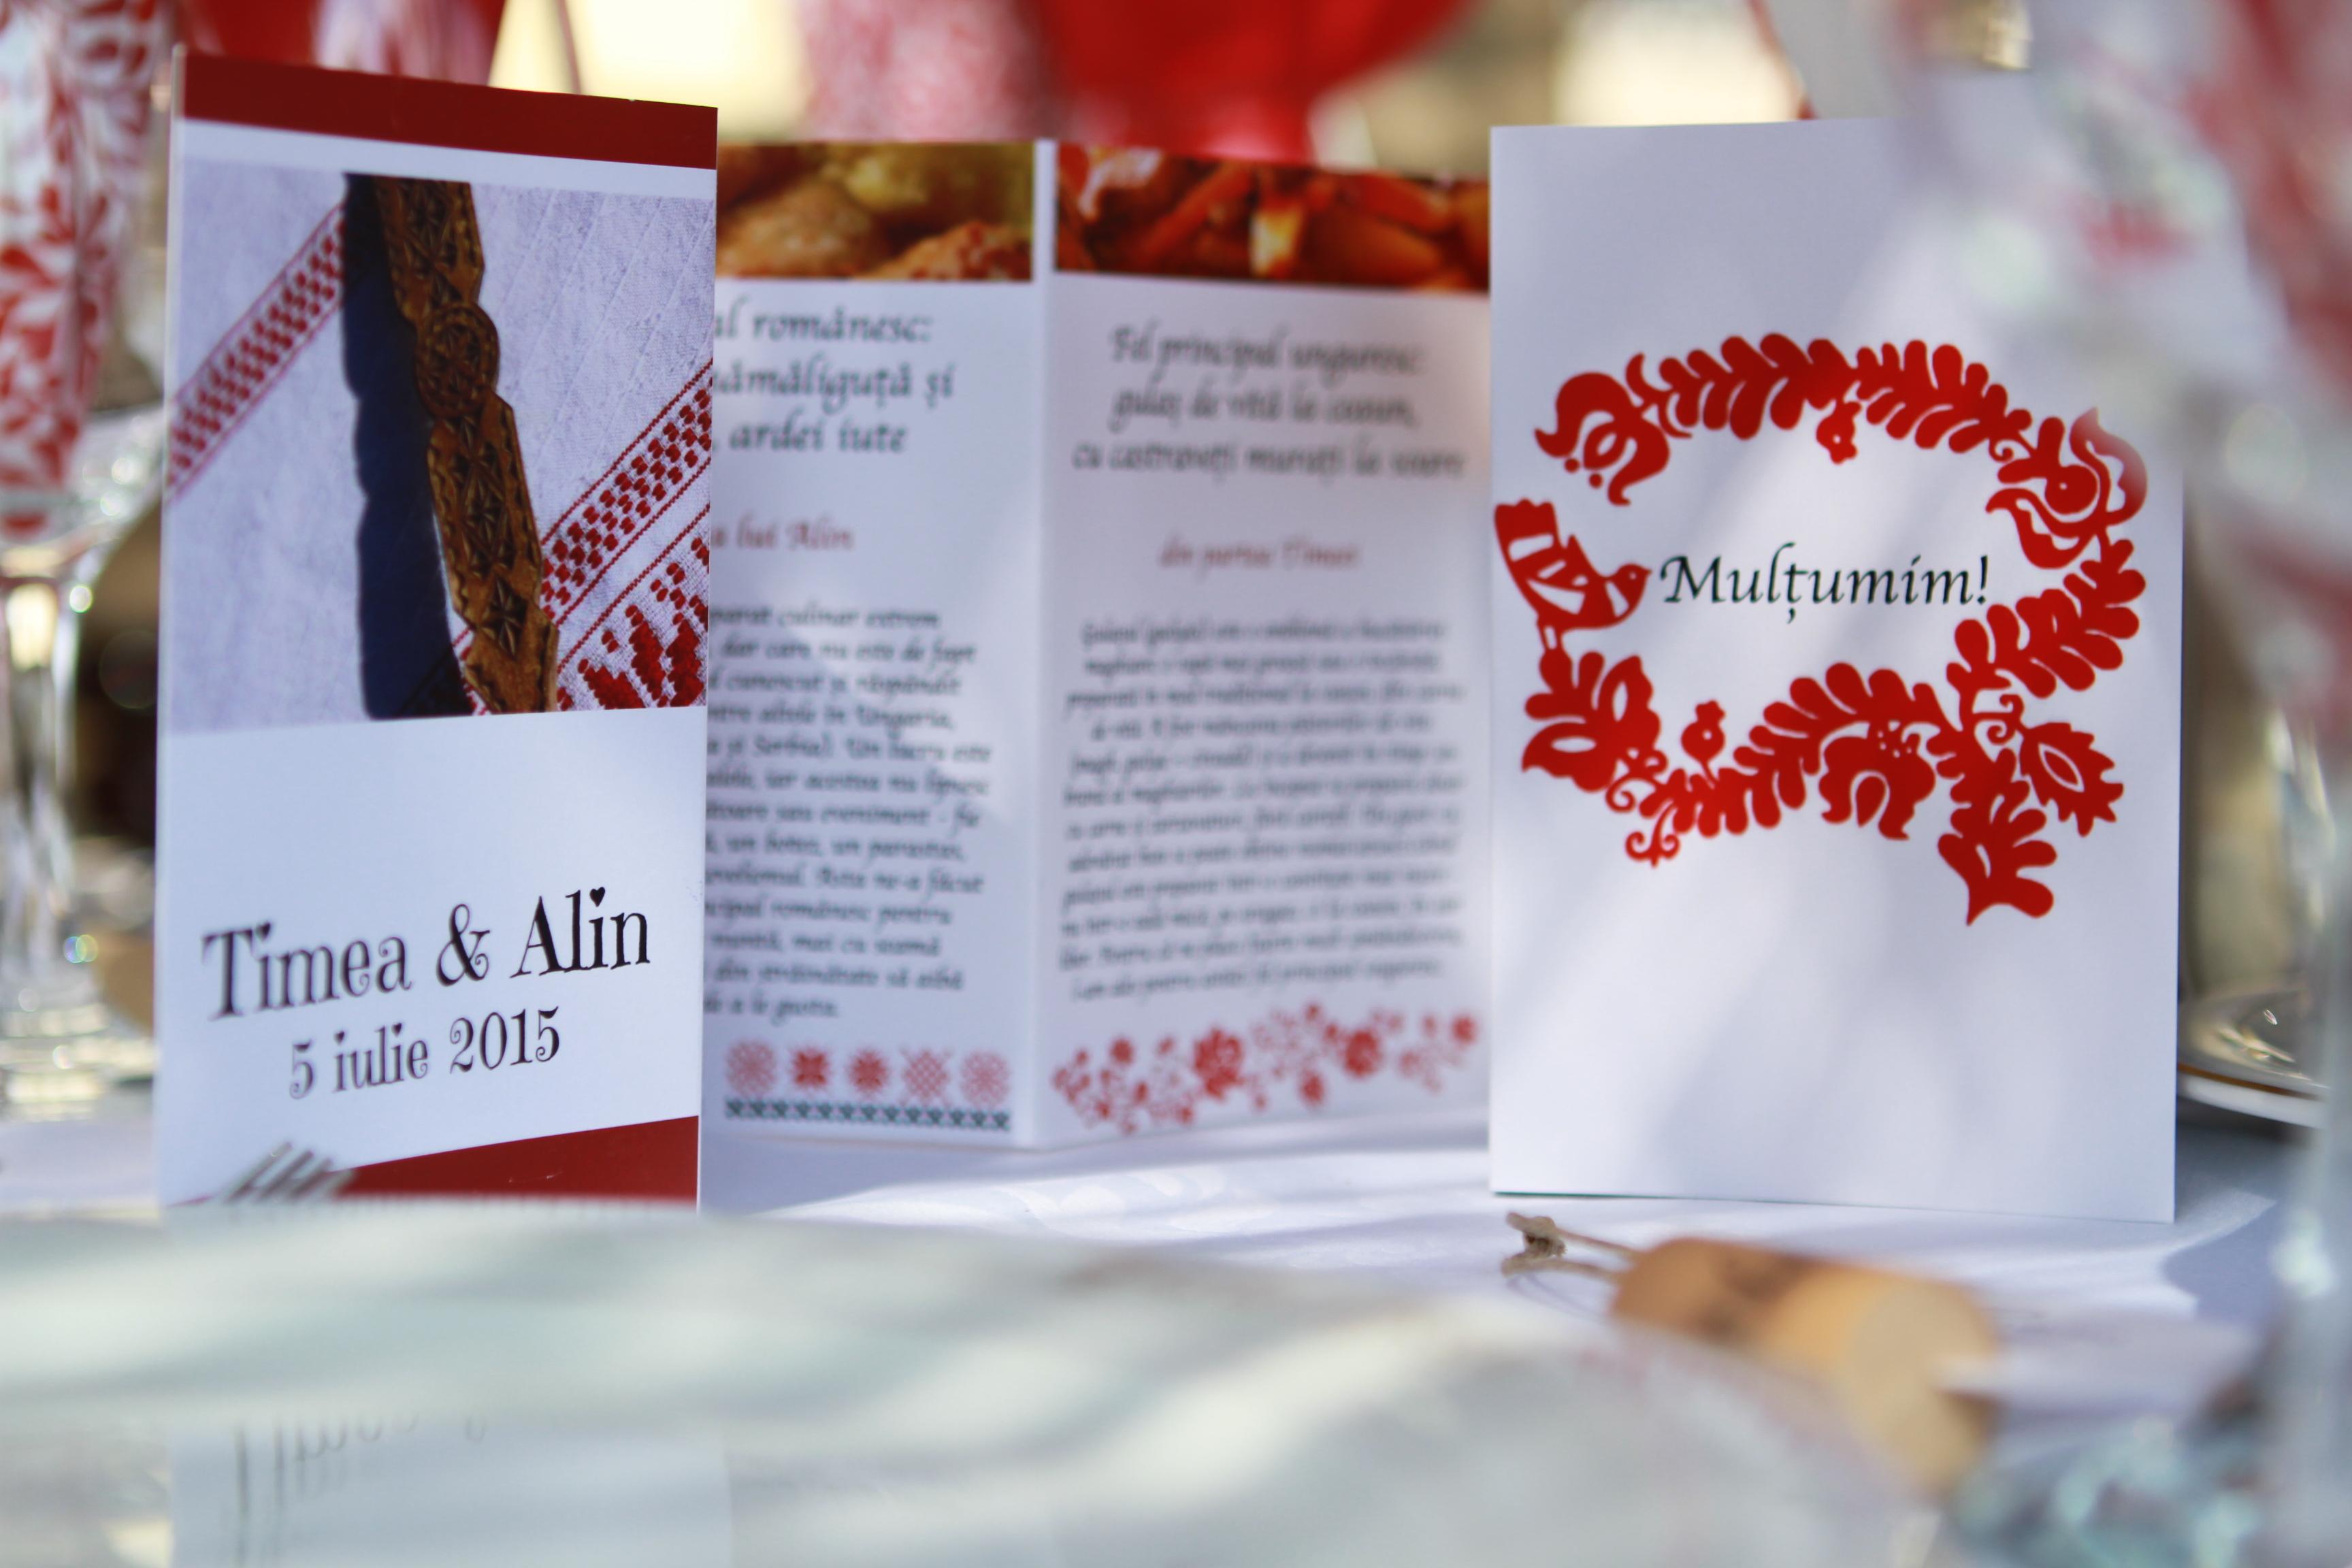 Timi és Alin esküvői menükártyája (Fotó: Tamássy Zsolt)